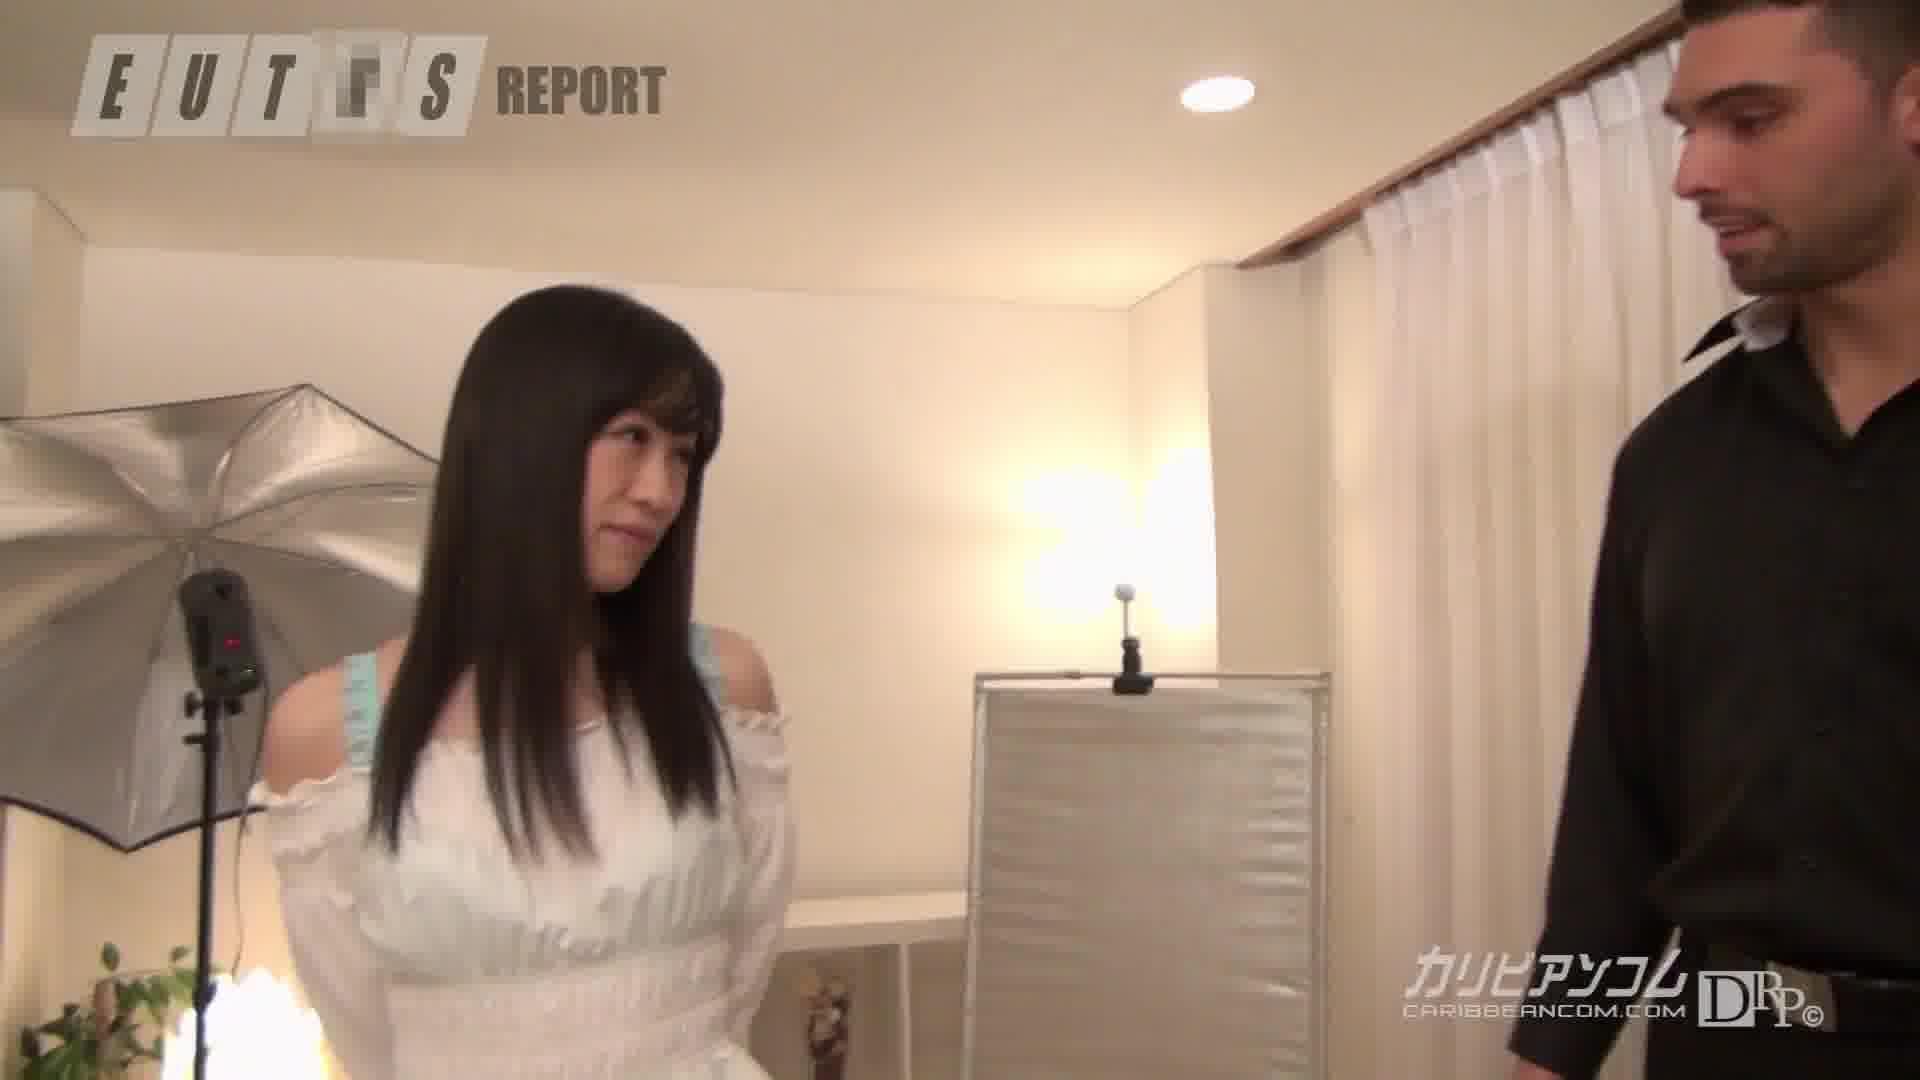 南欧テレビプロデューサーアントニオの日本AV潜入レポート - 京野結衣【美乳・乱交・潮吹き】